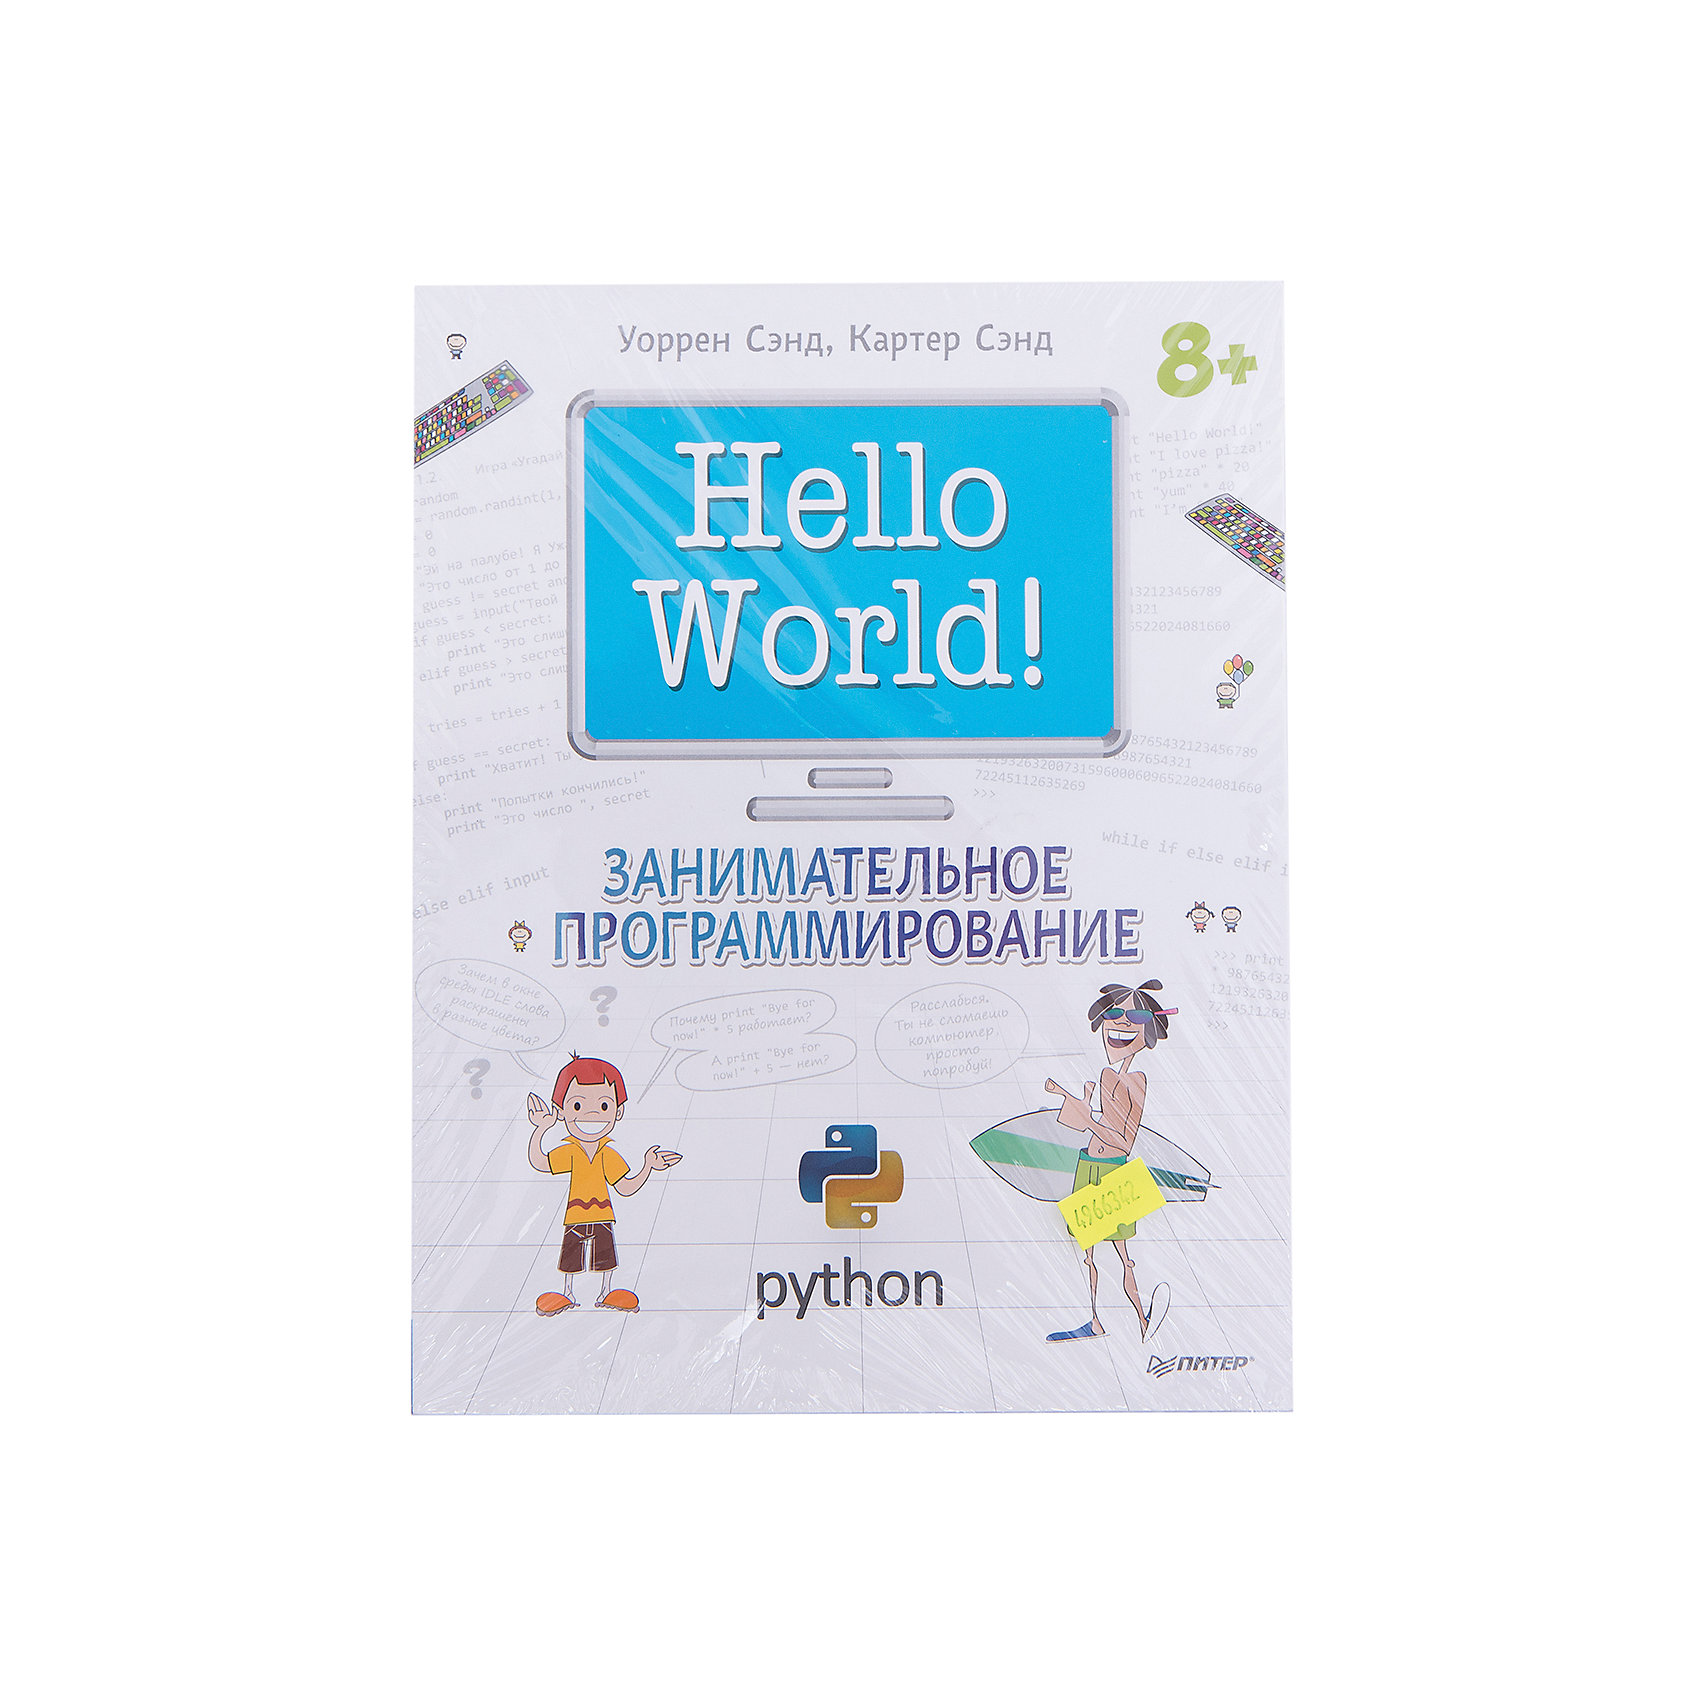 Hello World! Занимательное программированиеОбучение счету<br>Компьютеры – неотъемлемая часть жизни любого ребенка. Но одни просто играют в игры на них, а другие хотят разобраться с его внутренним устройством. Книга «Hello World! Занимательное программирование» разработана как раз для вторых. В интересной игровой форме ребенок познакомится с основами программирования, научится писать несложные коды и начнет свою карьеру прямо дома! Возможно, через несколько лет он станет настоящим хакером!<br>Книга развивает мышление, тренирует память, прививает аккуратность и дает много новых знаний в сфере компьютерных технологий и программирования. <br><br>Дополнительная информация:<br><br>страниц: 400; <br>формат:  205 х 260 мм.<br><br>Книгу «Hello World! Занимательное программирование»  можно купить в нашем магазине.<br><br>Ширина мм: 252<br>Глубина мм: 195<br>Высота мм: 21<br>Вес г: 808<br>Возраст от месяцев: 144<br>Возраст до месяцев: 2147483647<br>Пол: Унисекс<br>Возраст: Детский<br>SKU: 4966342